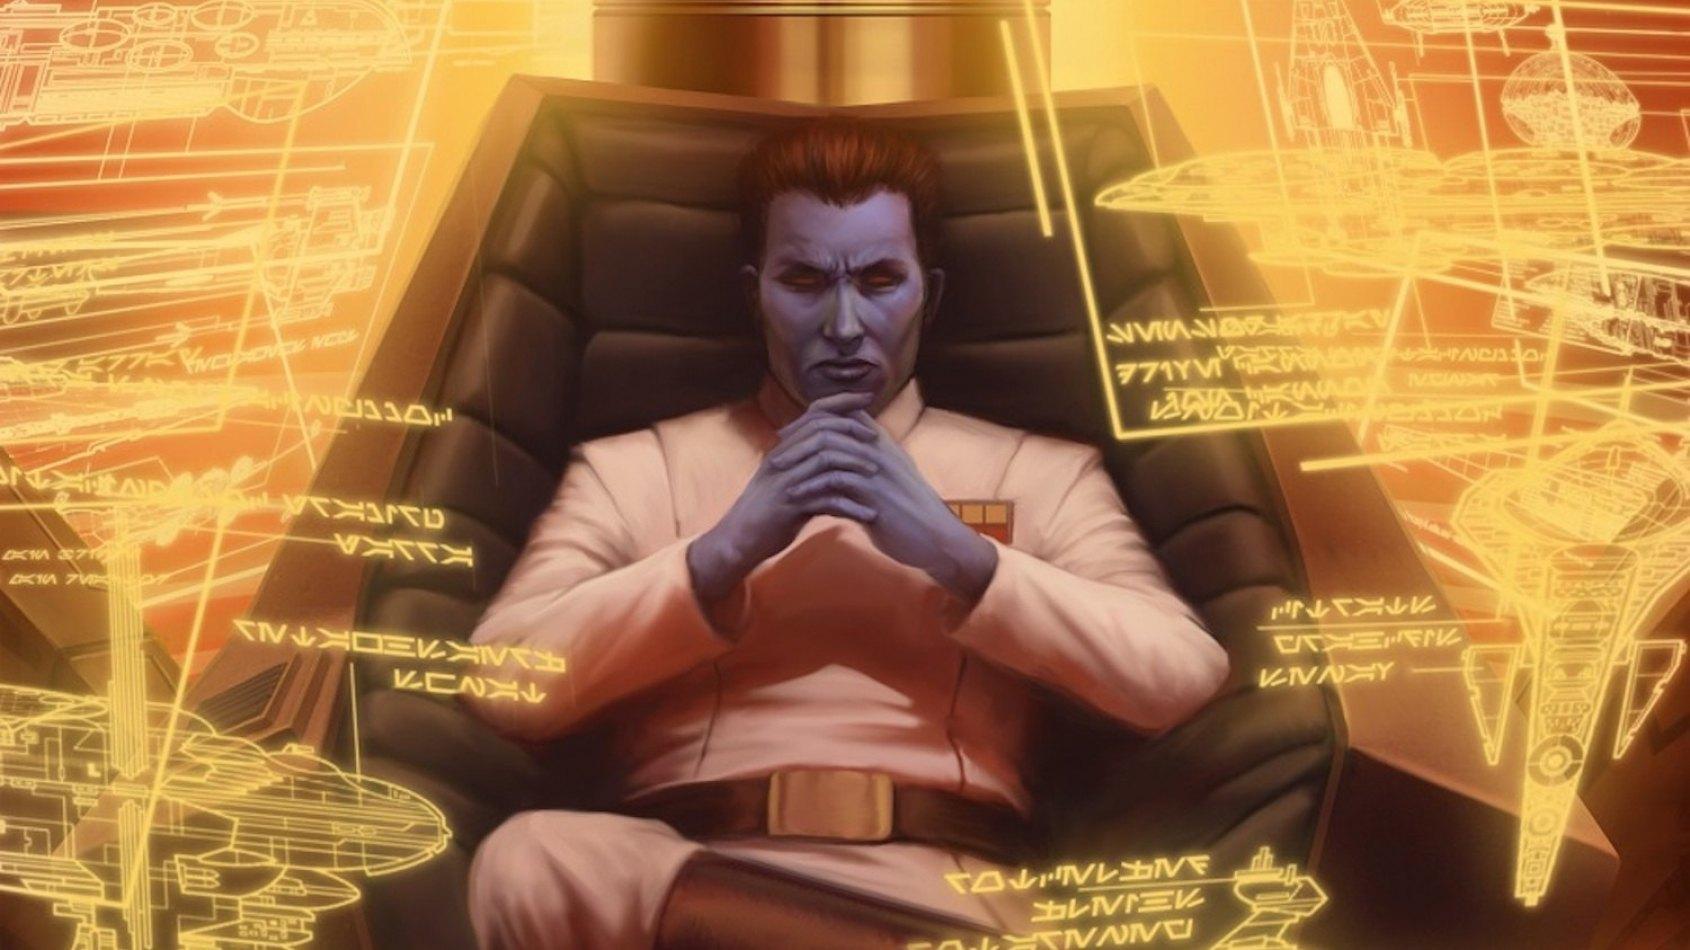 Dave Filoni annoncerait-il le retour de Thrawn dans la série Rebels ?